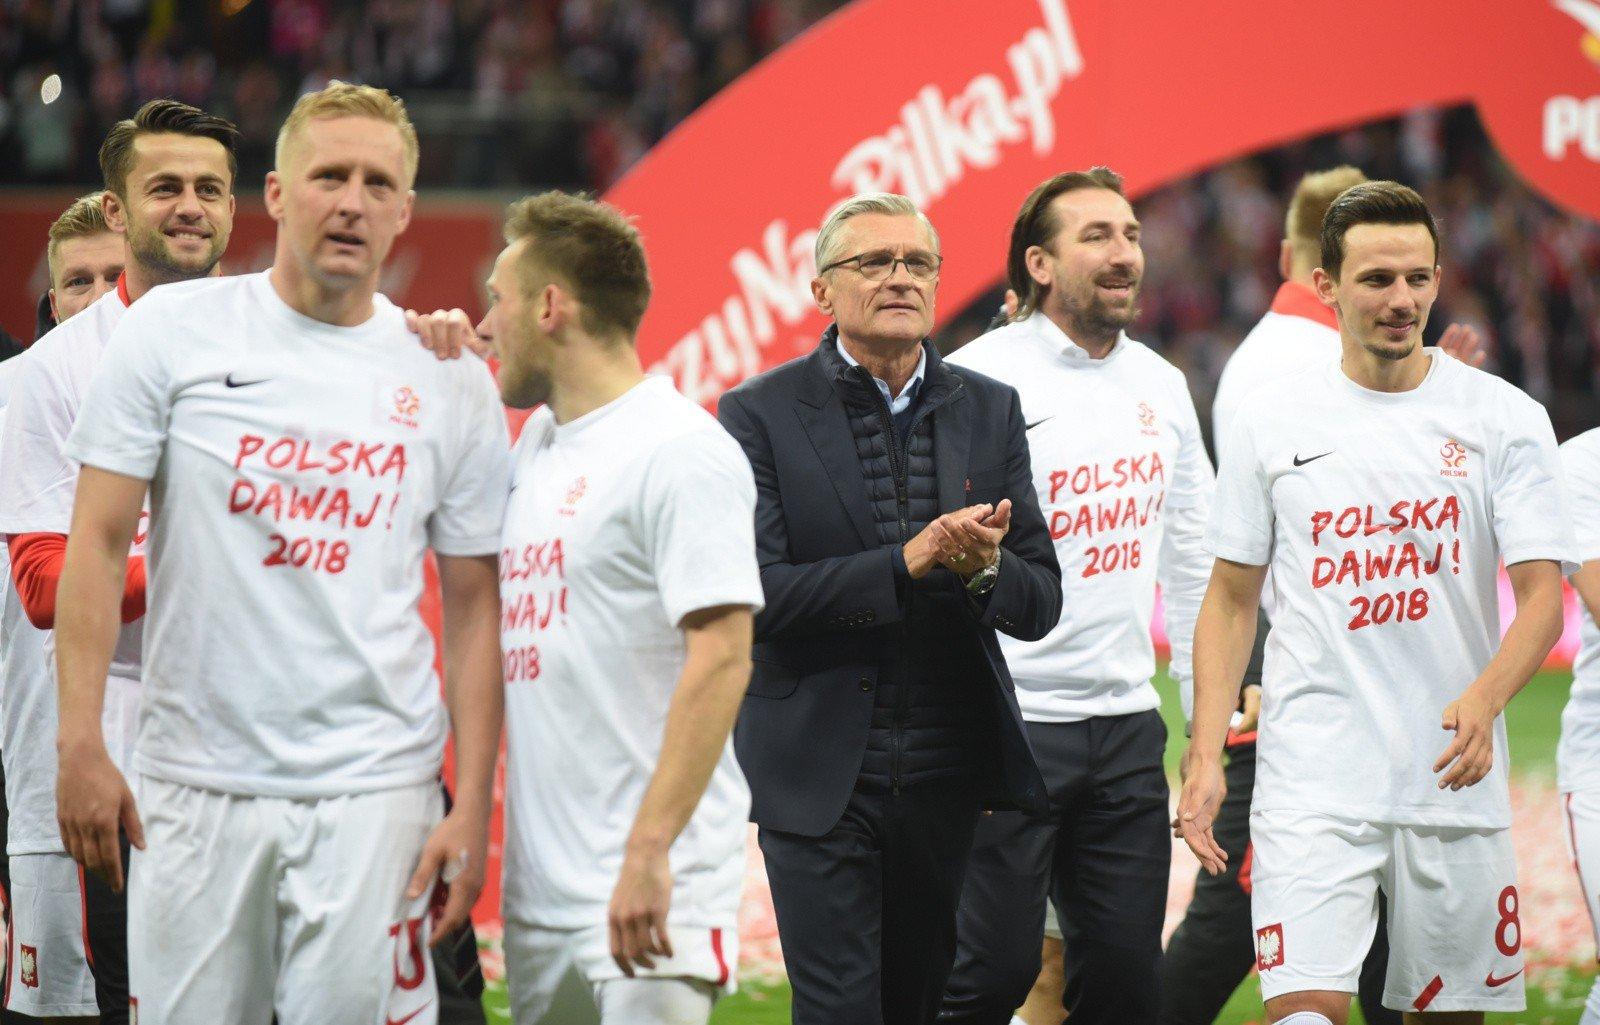 a36a53f74 MŚ ROSJA 2018: Kiedy gra Polska? GRUPA H + TERMINARZ MUNDIAL 2018 ROSJA.  KALENDARZ MŚ 2018 | Dziennik Zachodni